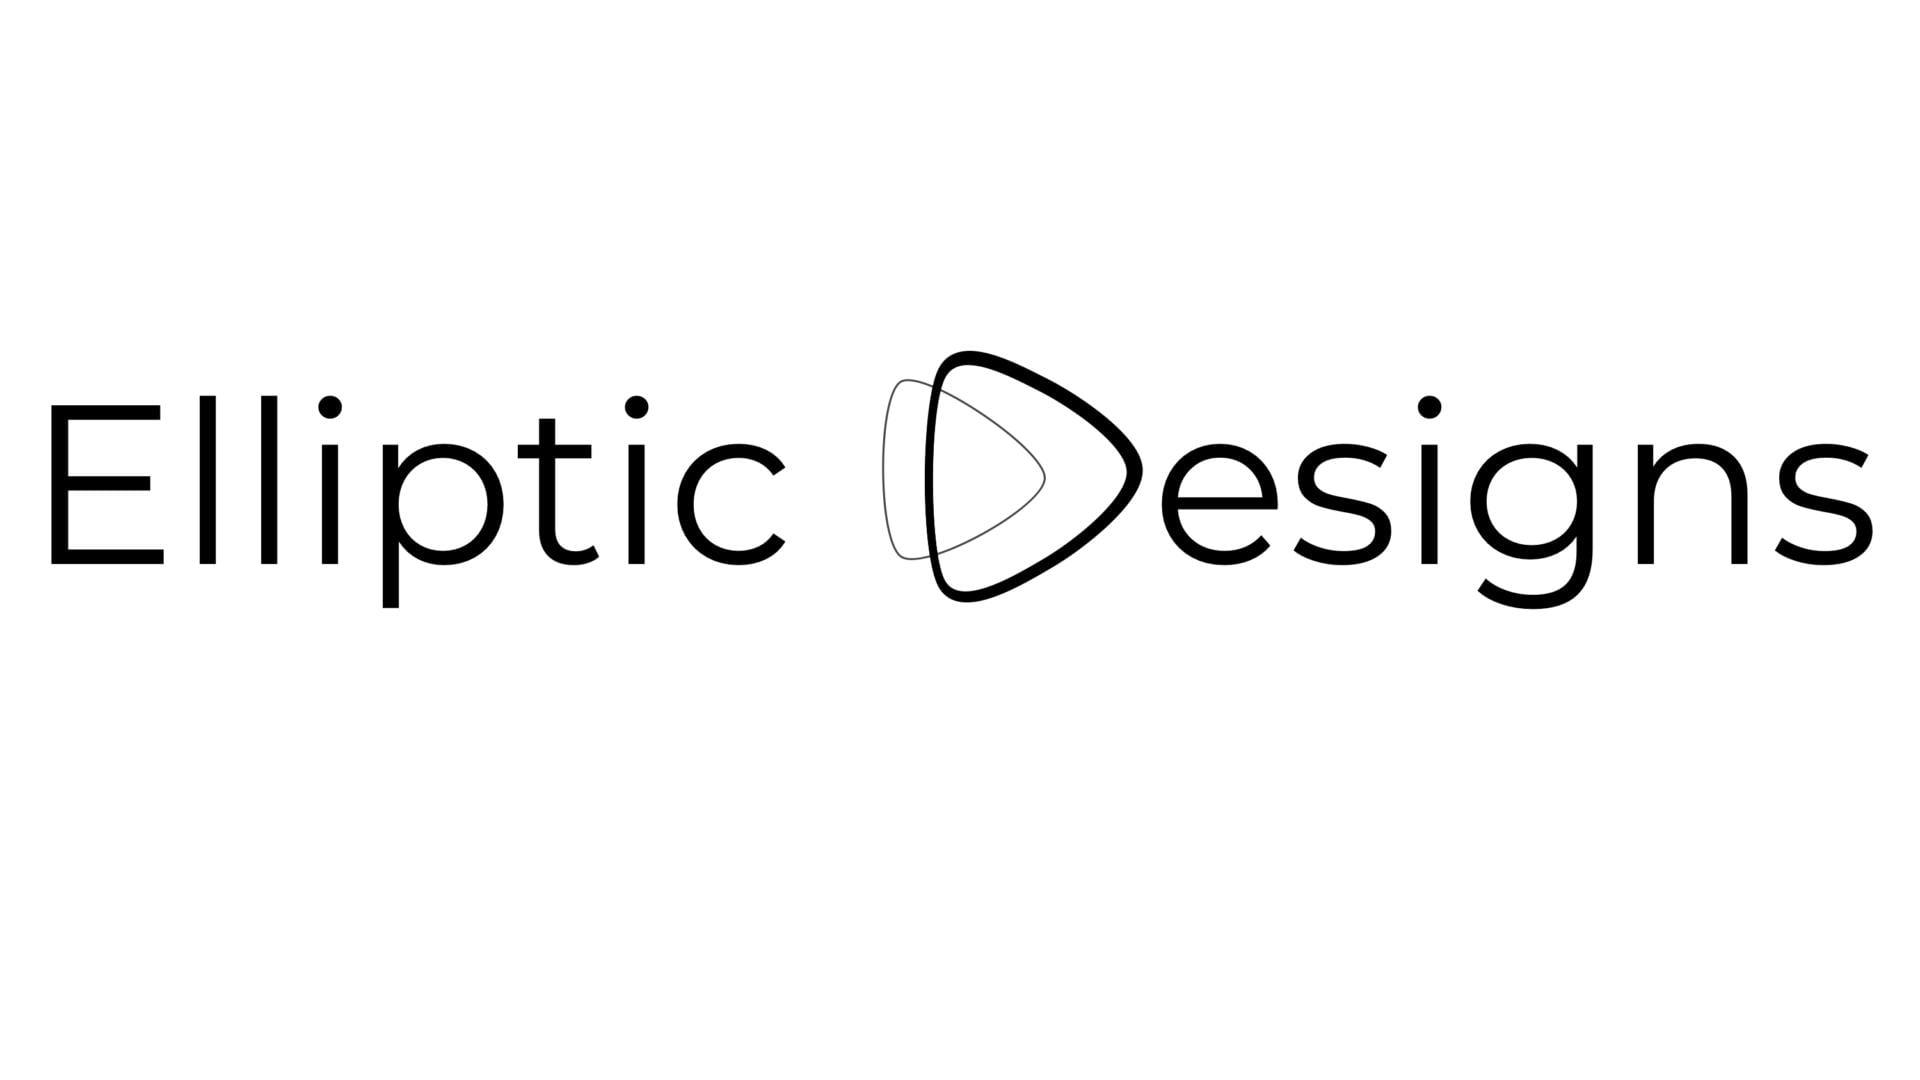 Elliptic Designs